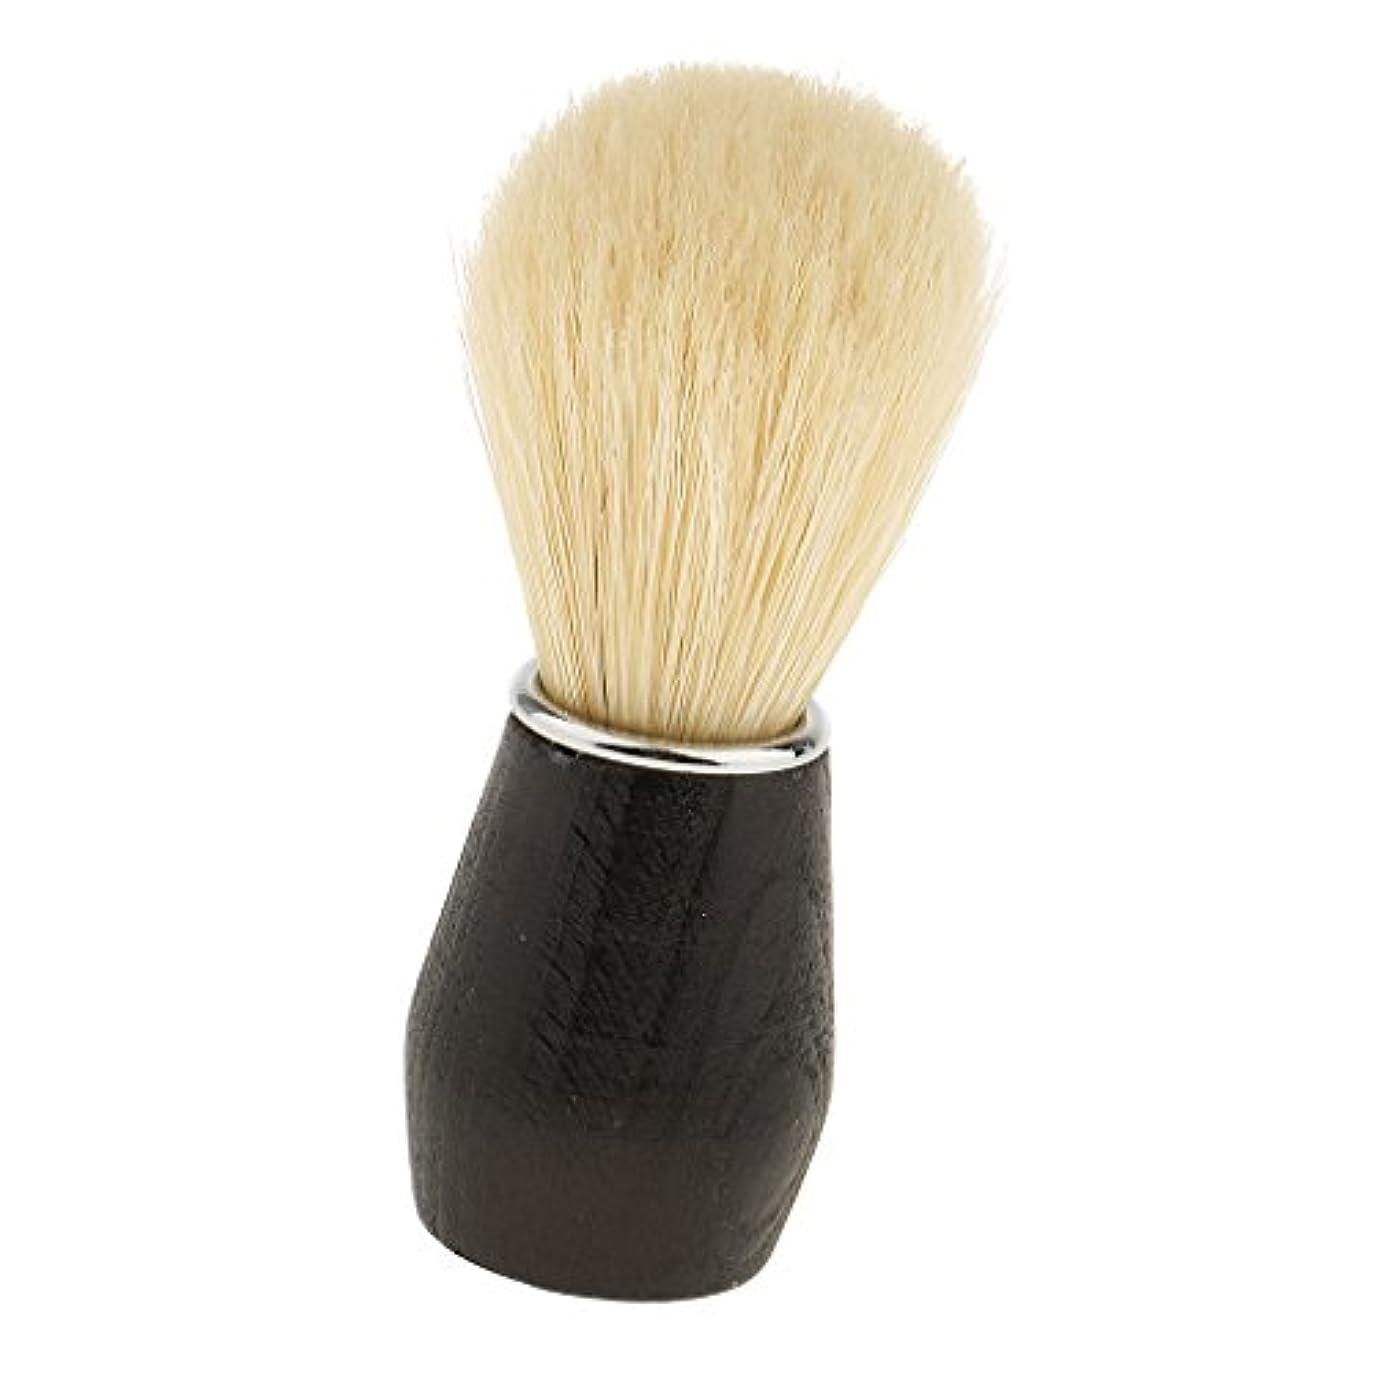 スリップシューズスピーカー平日sharprepublic シェービングブラシ ヘアシェービングブラシ 毛髭ブラシ 髭剃り 泡立ち メンズ ソフト 父のギフト